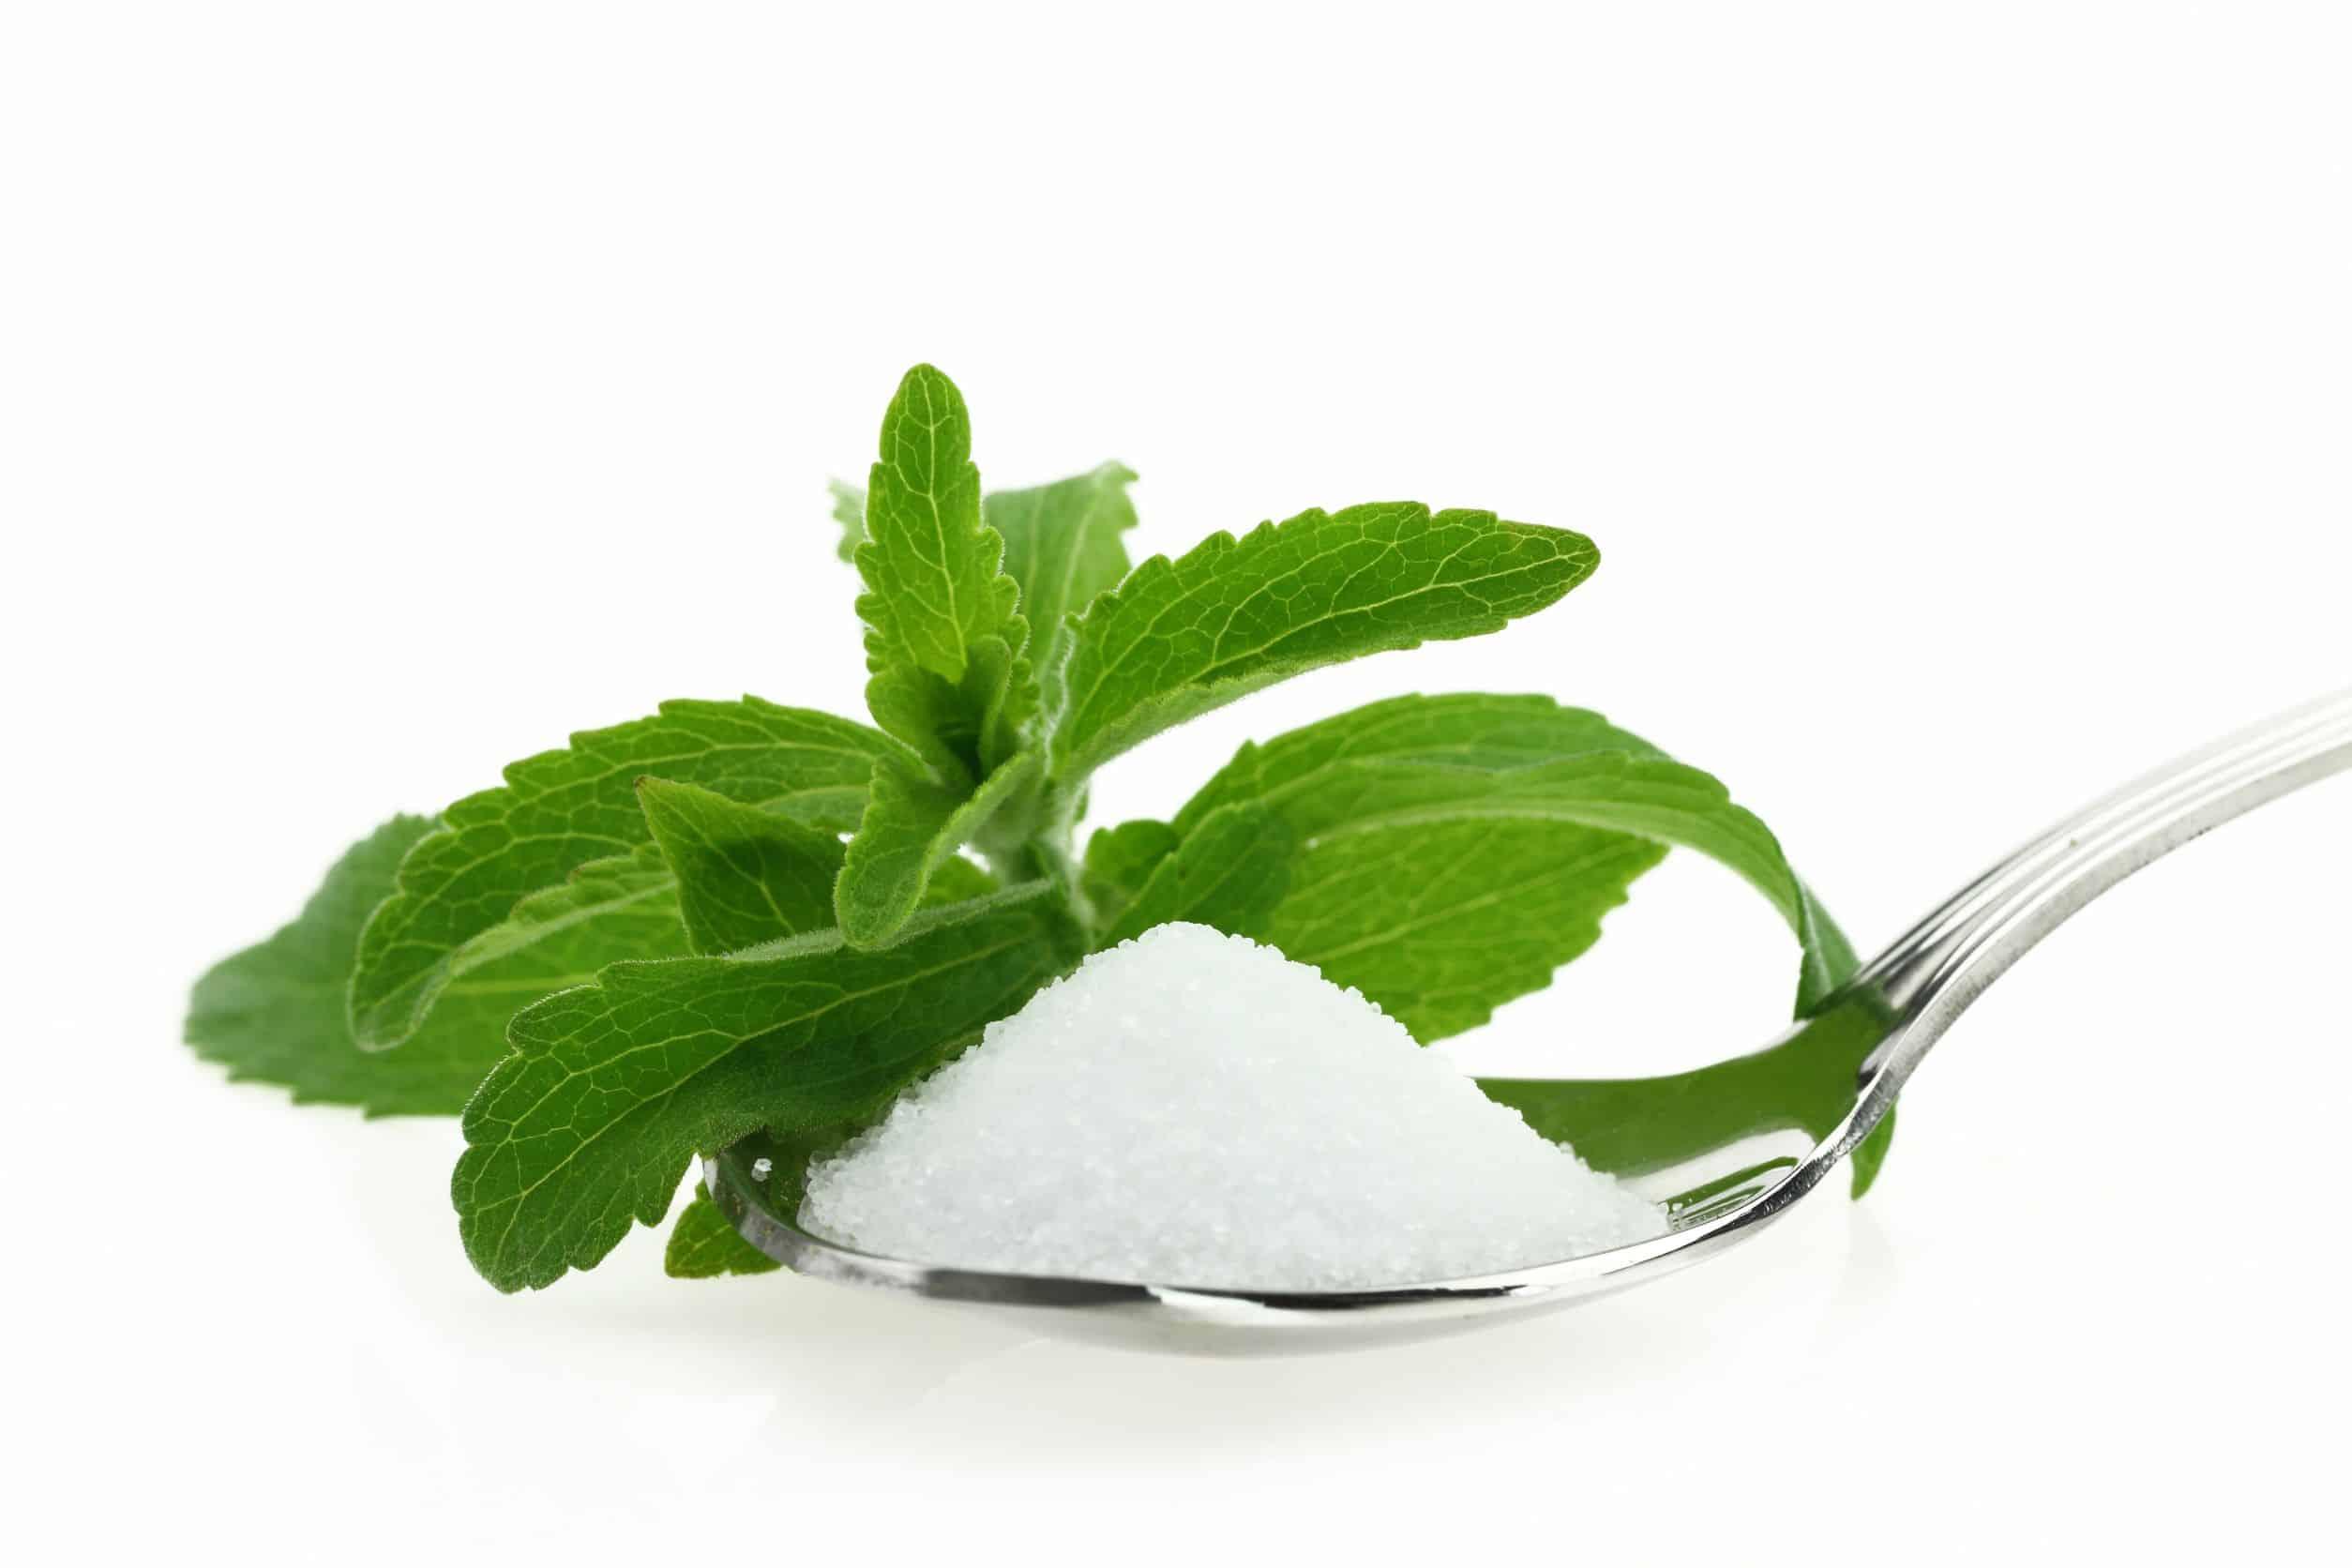 Miglior stevia 2020: Guida all'acquisto